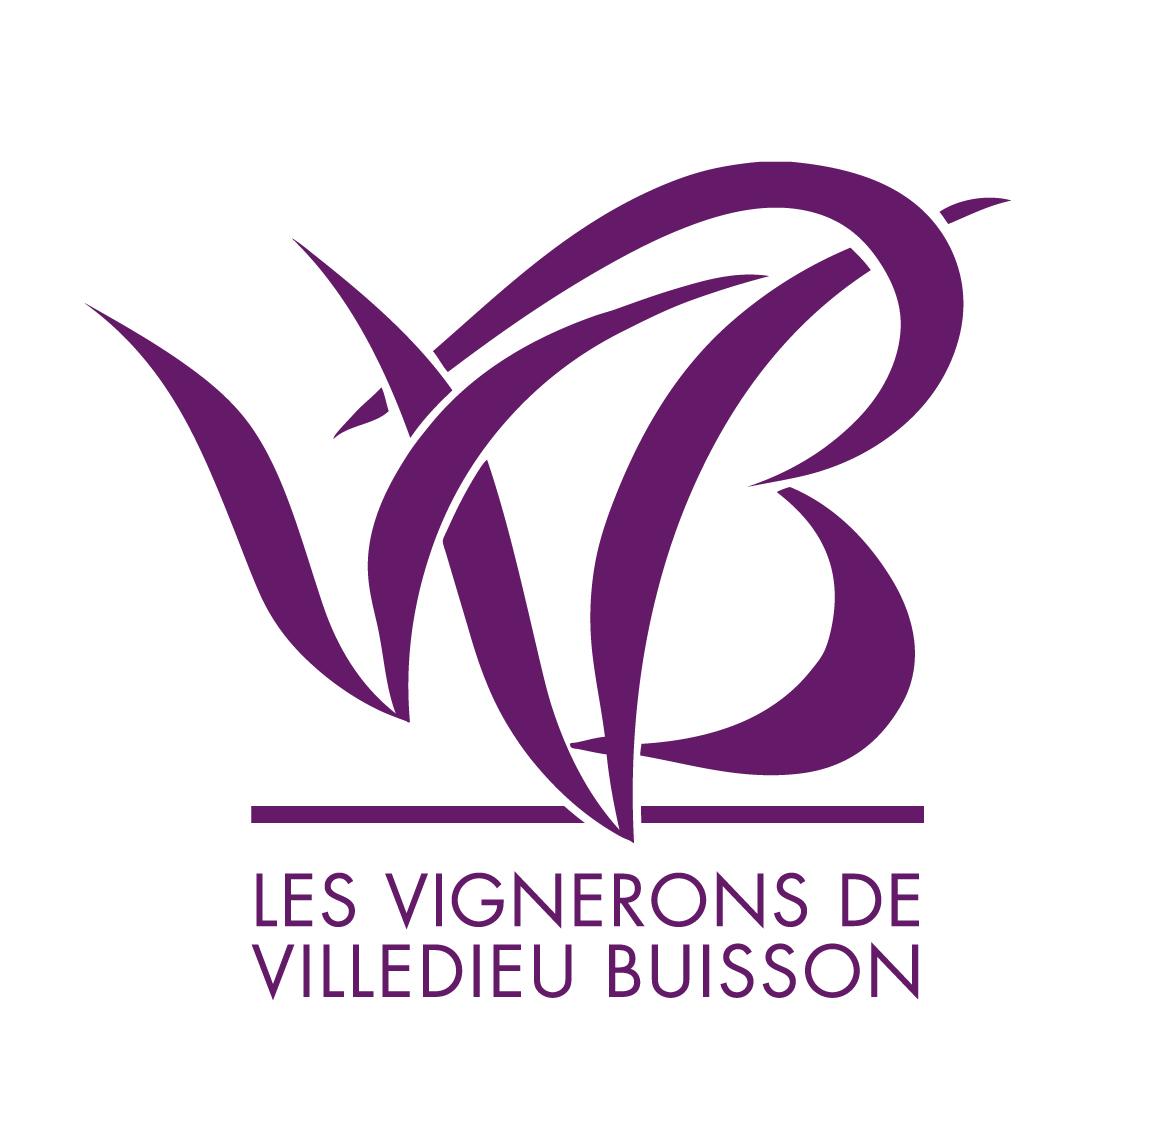 Les Vignerons de Villedieu Buisson